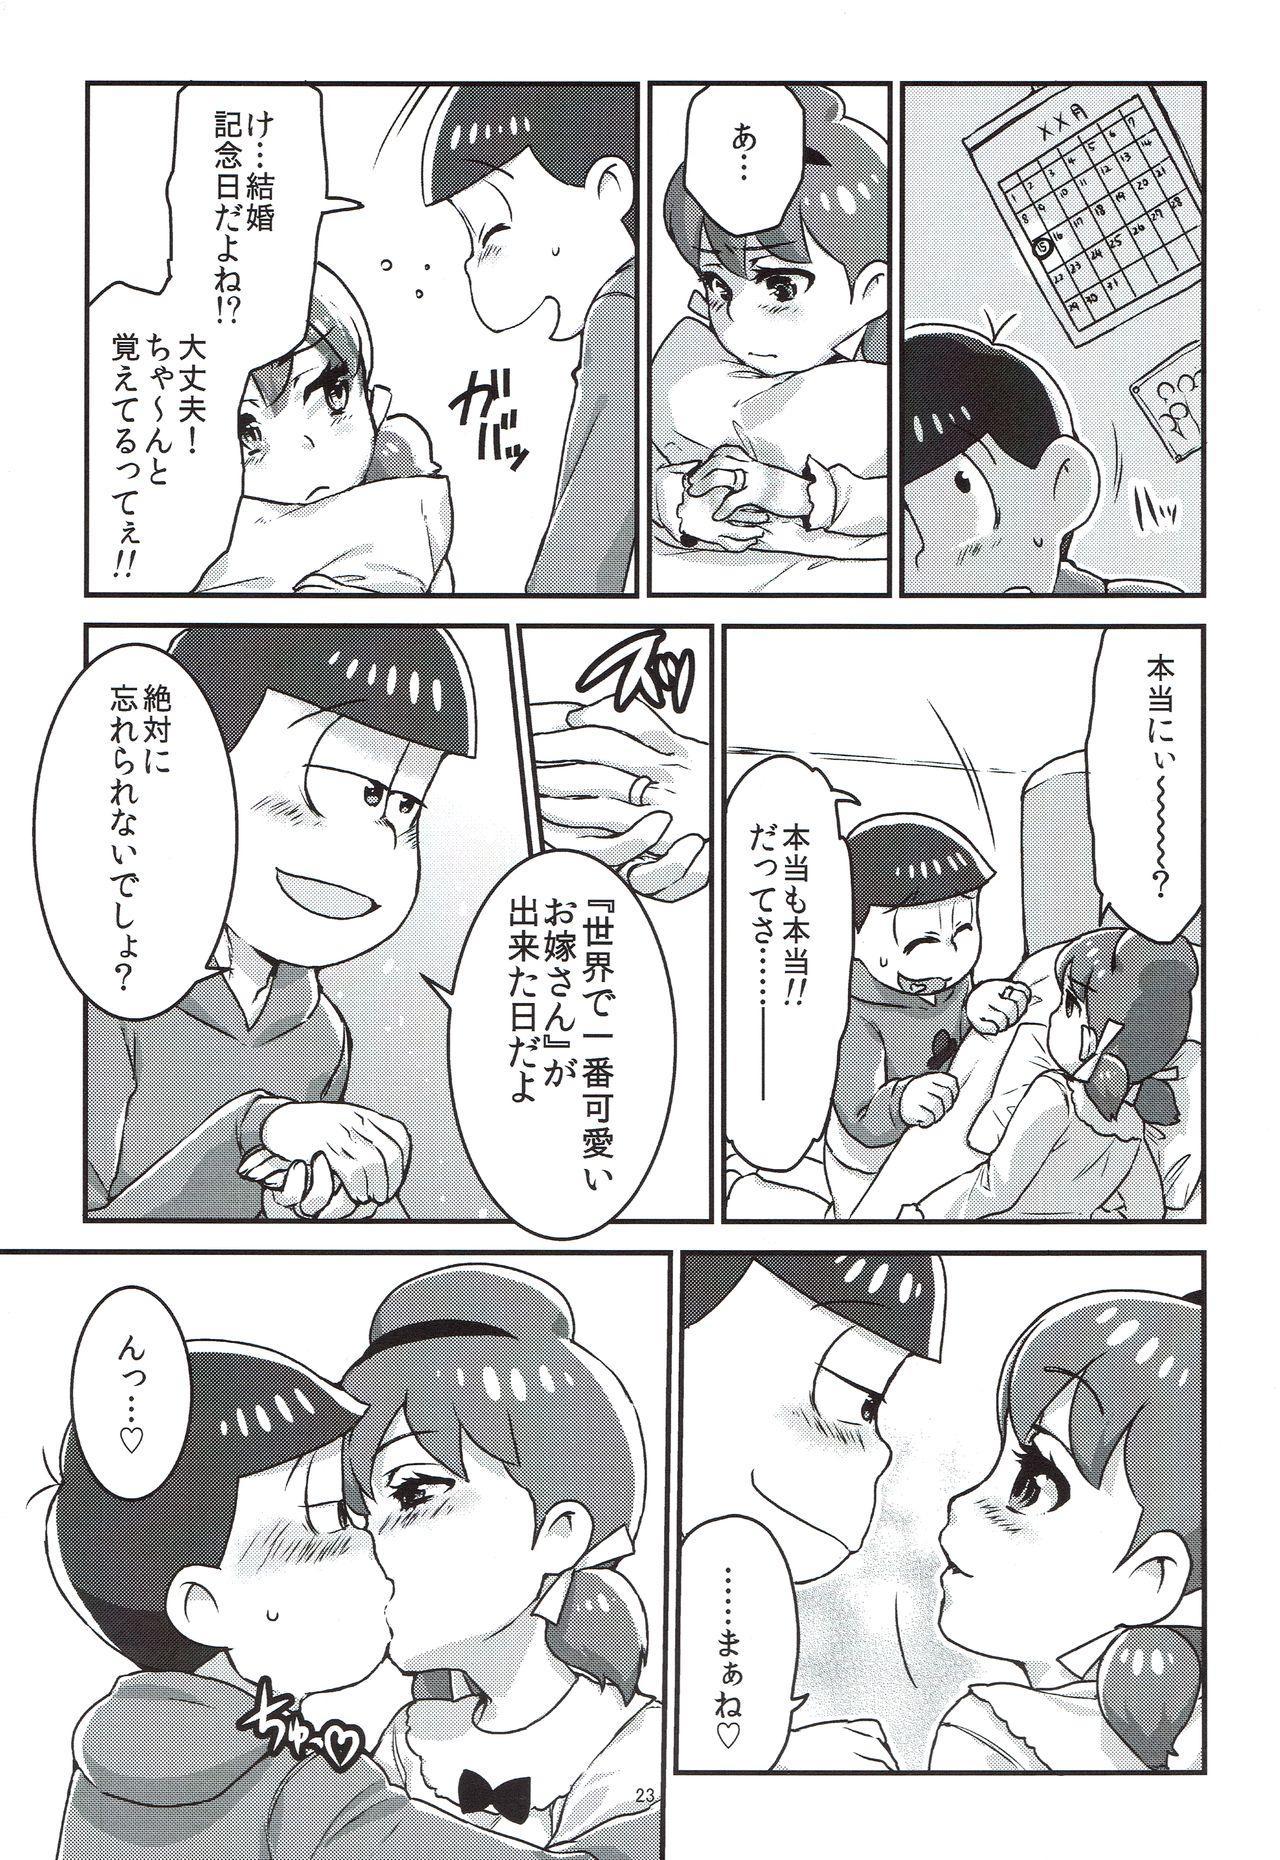 Mutsugo to Totoko-chan no Juukon Seikatsu 23